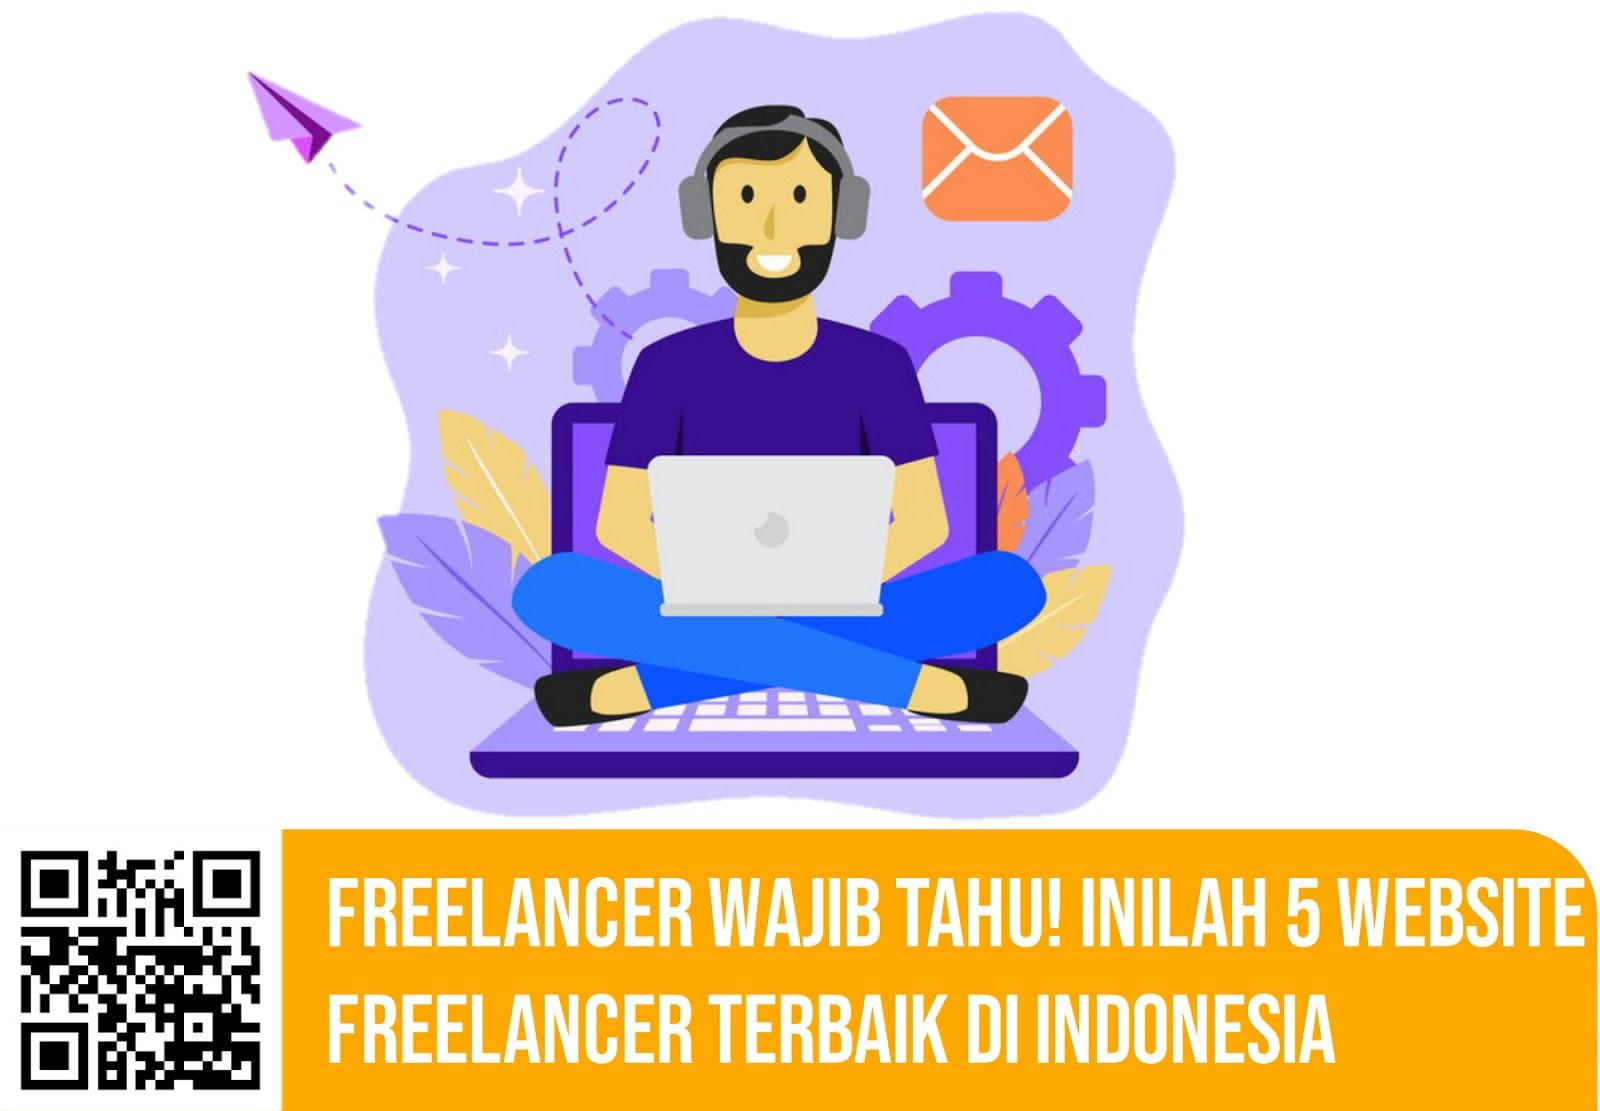 Freelancer Wajib Tahu! Inilah 5 Website Freelancer Terbaik di Indonesia